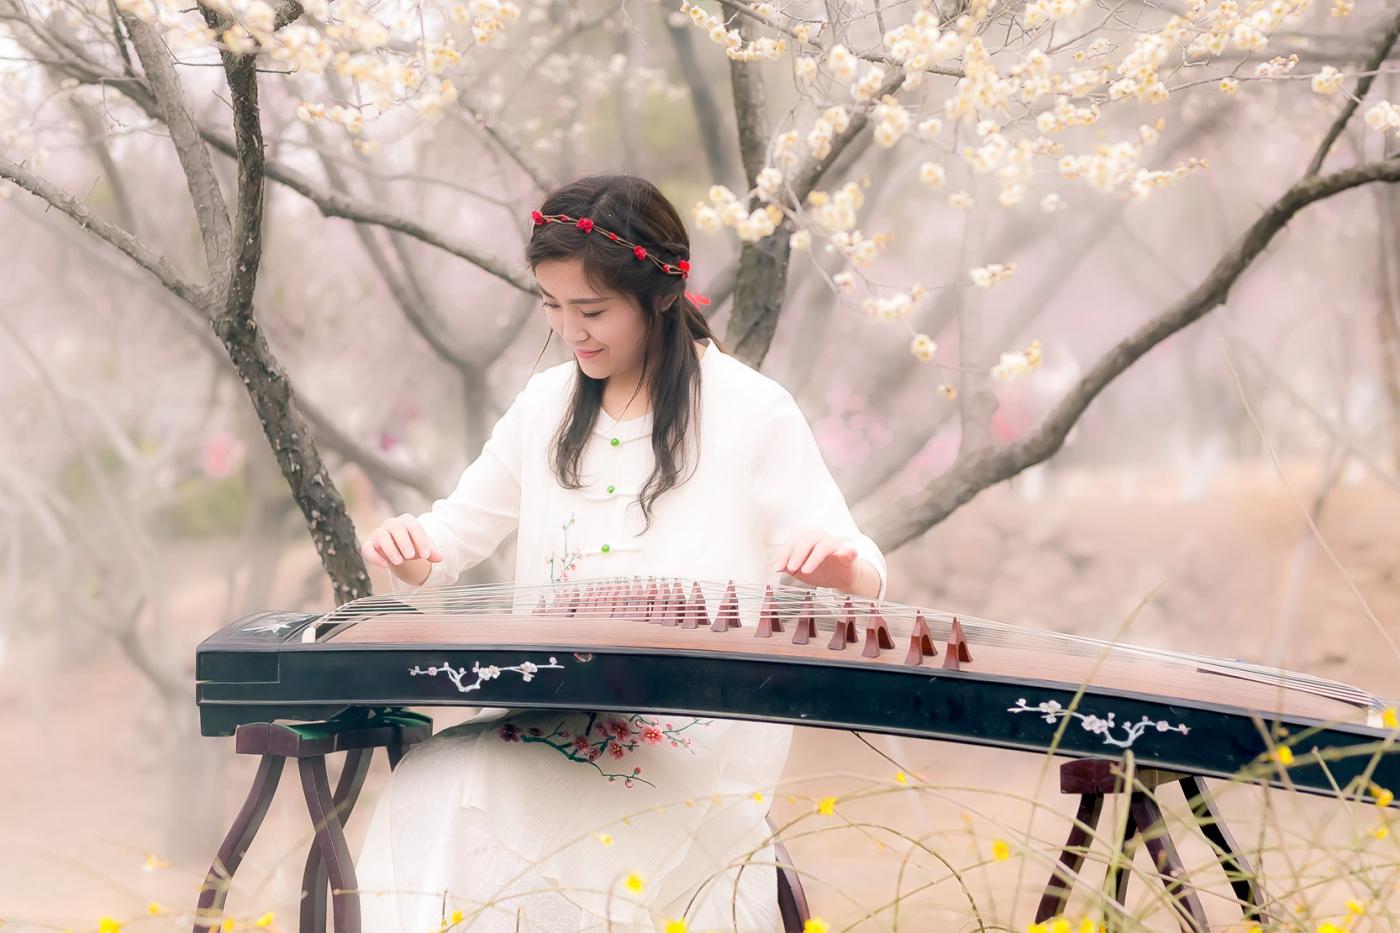 沂水雪山梅园走来一群赏梅踏春的沂蒙女孩 摄影人和女孩们成为梅园一道亮丽的风景线 ..._图1-16